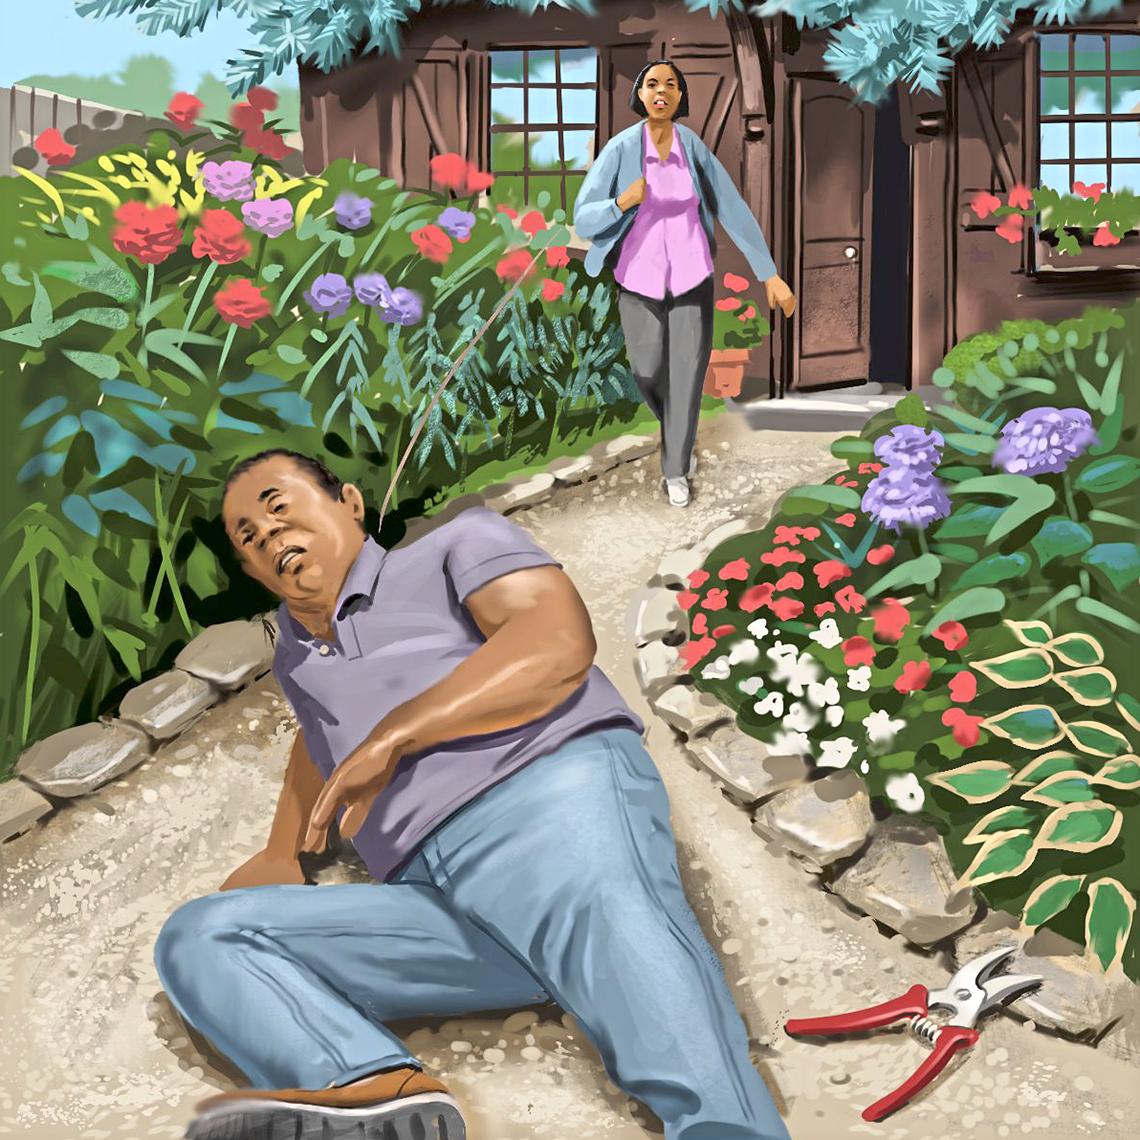 Ilustración de un hombre que ha caído en la entrada de su casa, mientras su esposa corre para ayudarlo